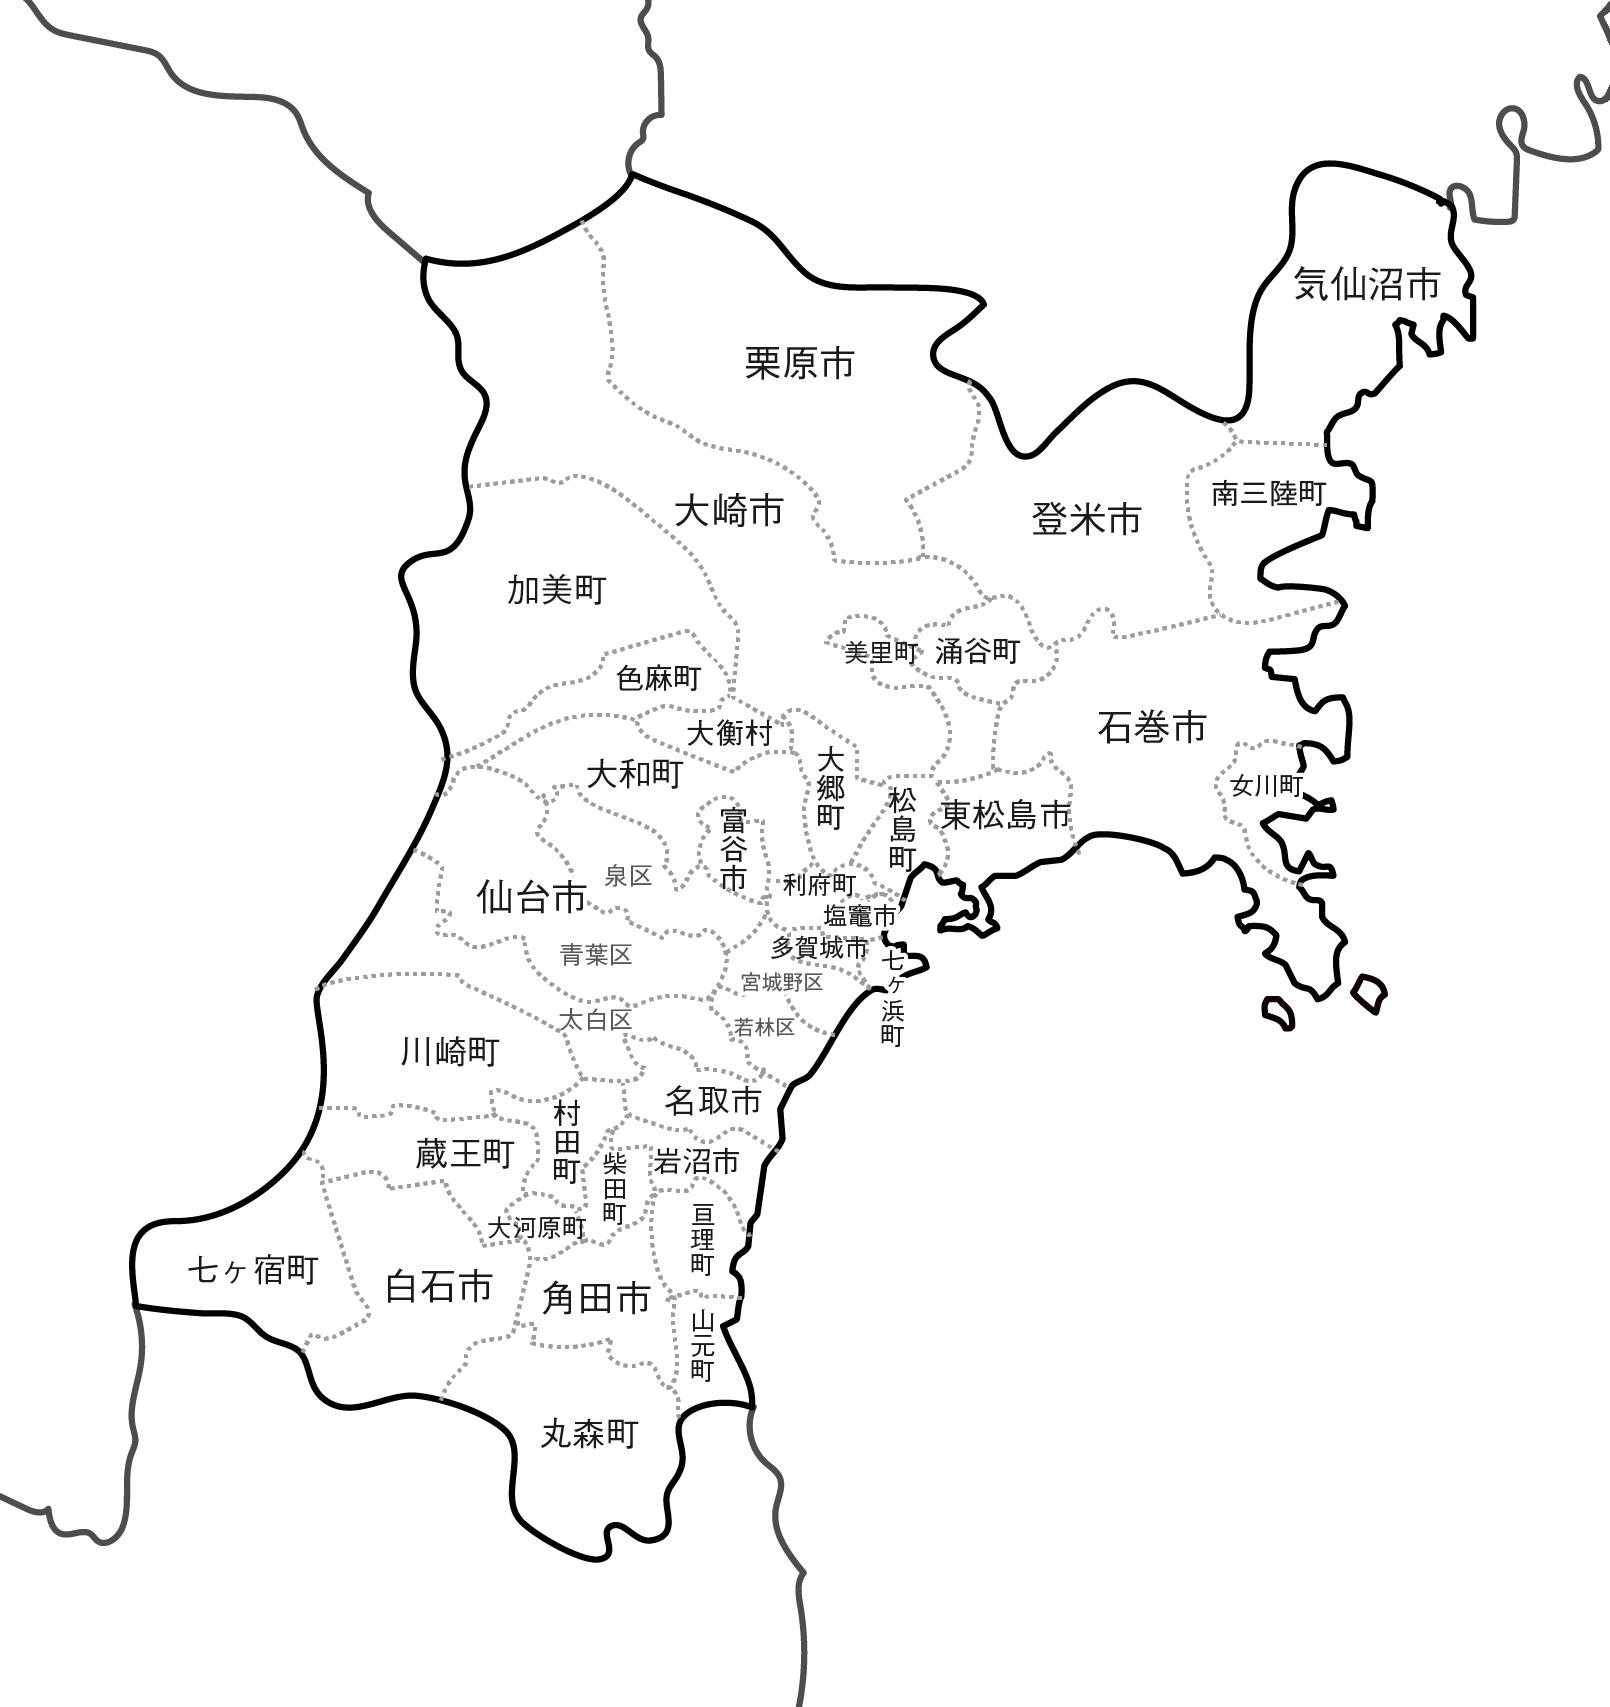 [白地図]宮城県・ラインあり・市区町村名あり・隣県あり